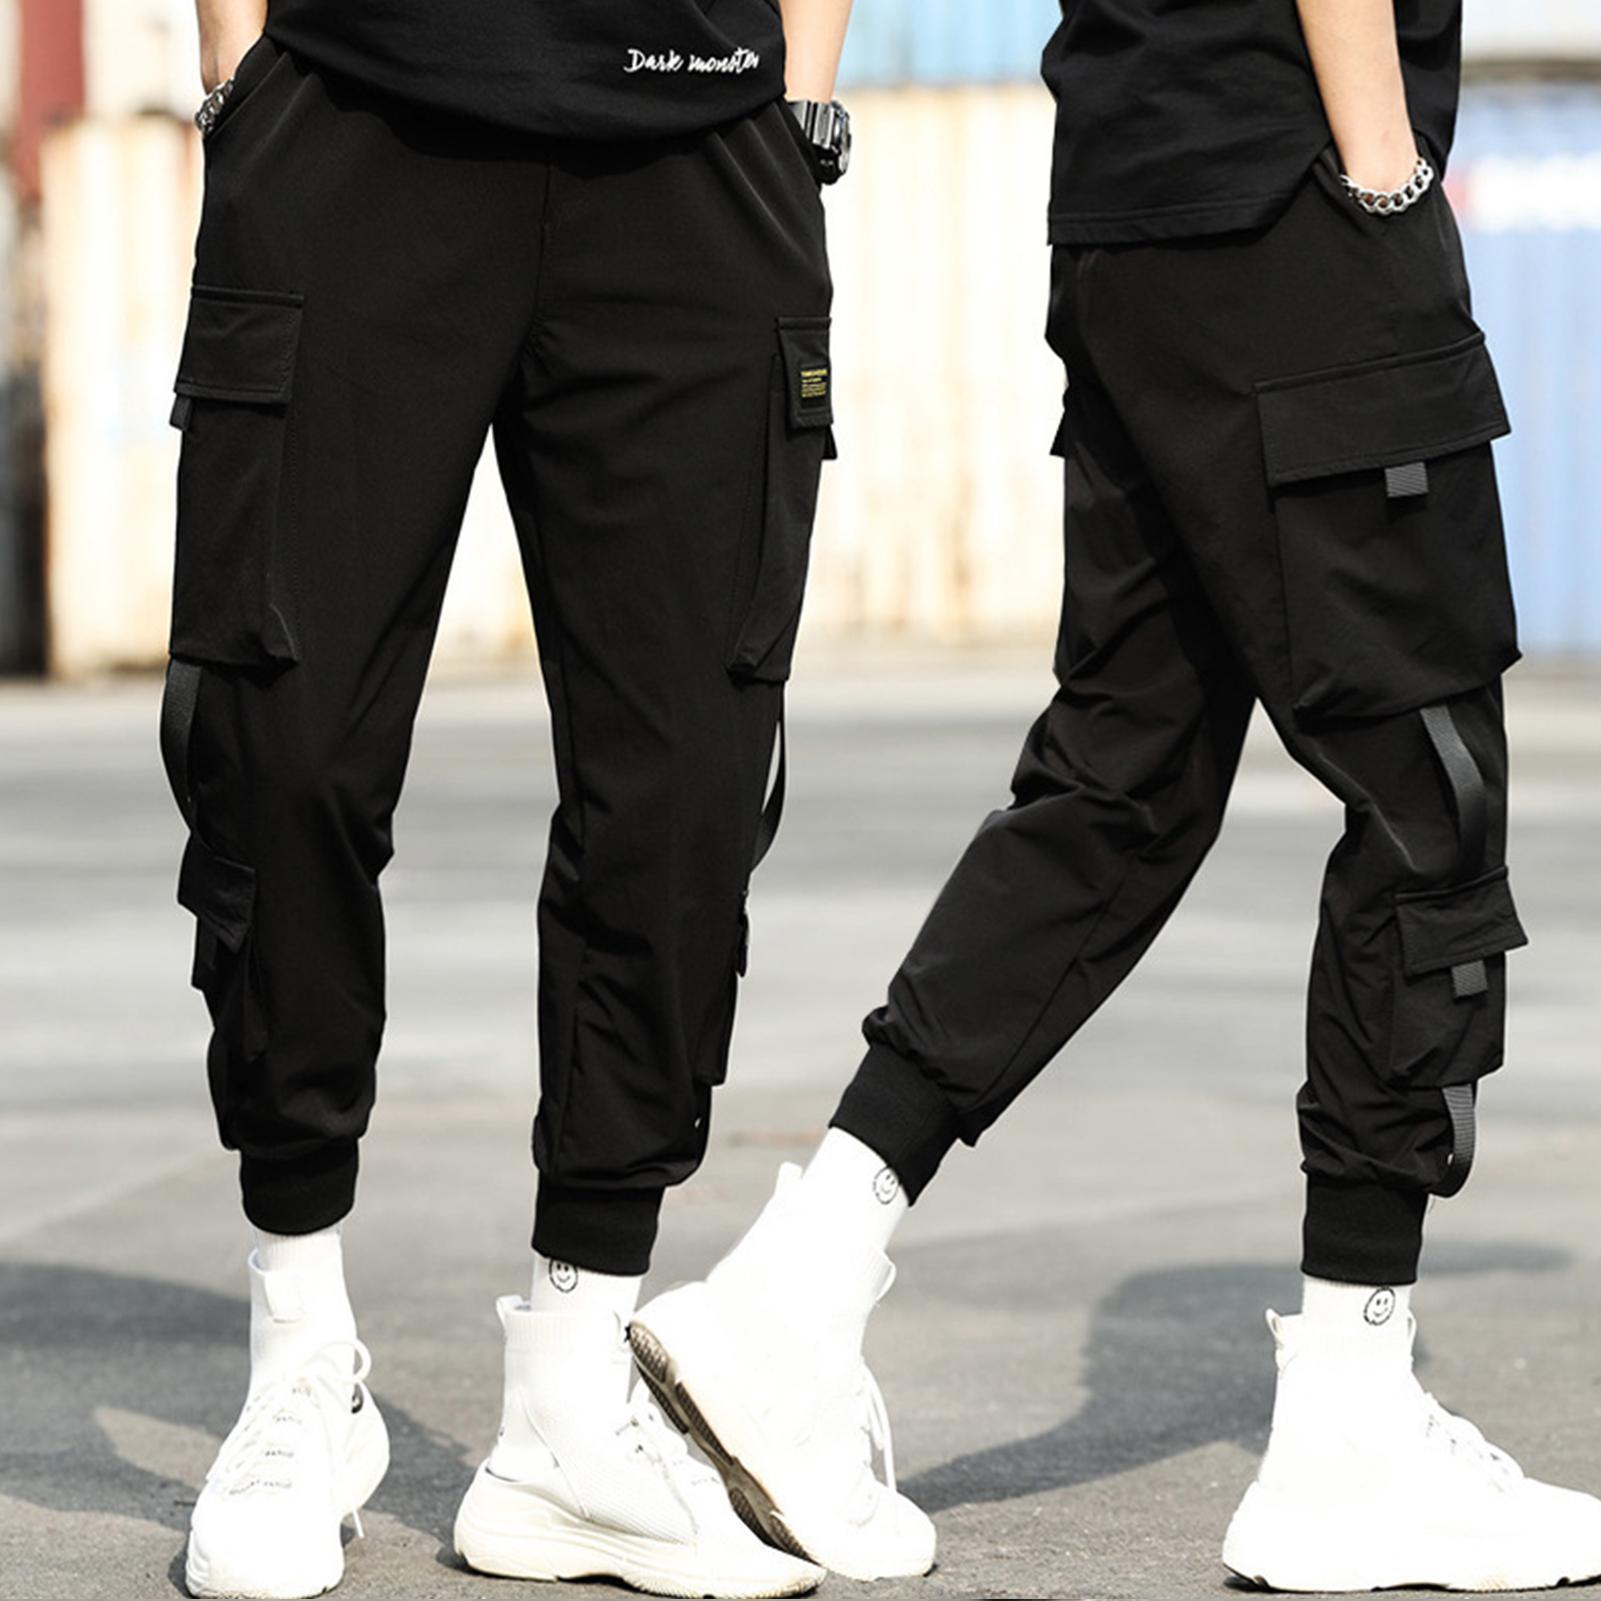 2020 Mode Streetwear Harajuku Nouveau pantalon de cargaison pour hommes Casual Mens Pantalons Hip-Hop Jogging Sports Pures Puissards de Coton C0222